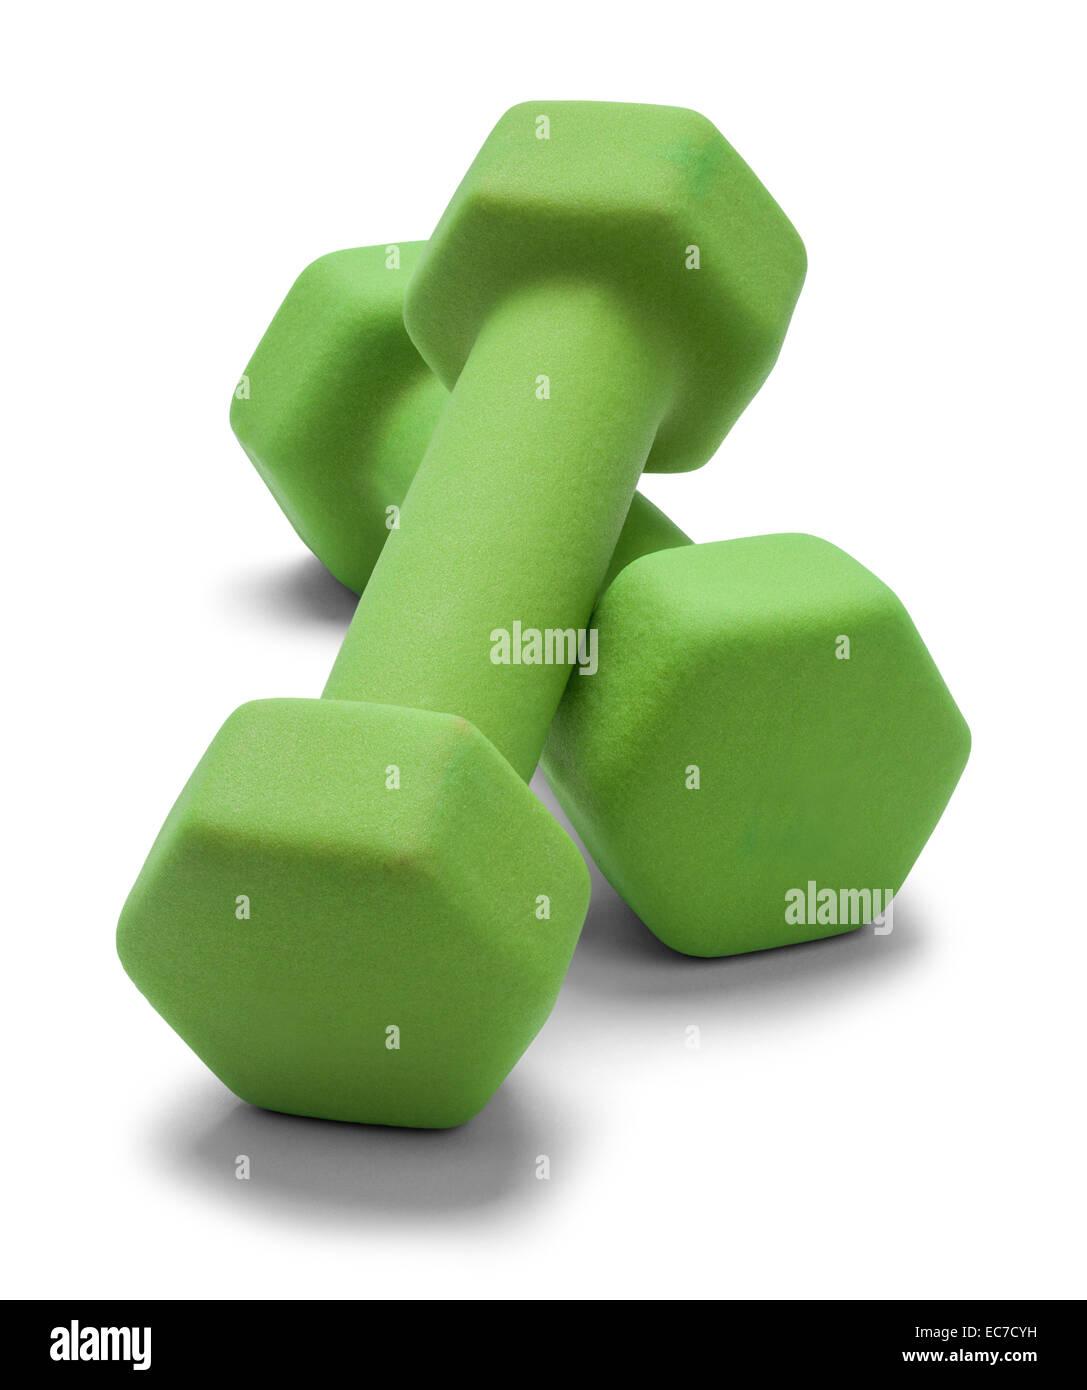 Verde fuori lavoro pesi isolato su sfondo bianco. Immagini Stock